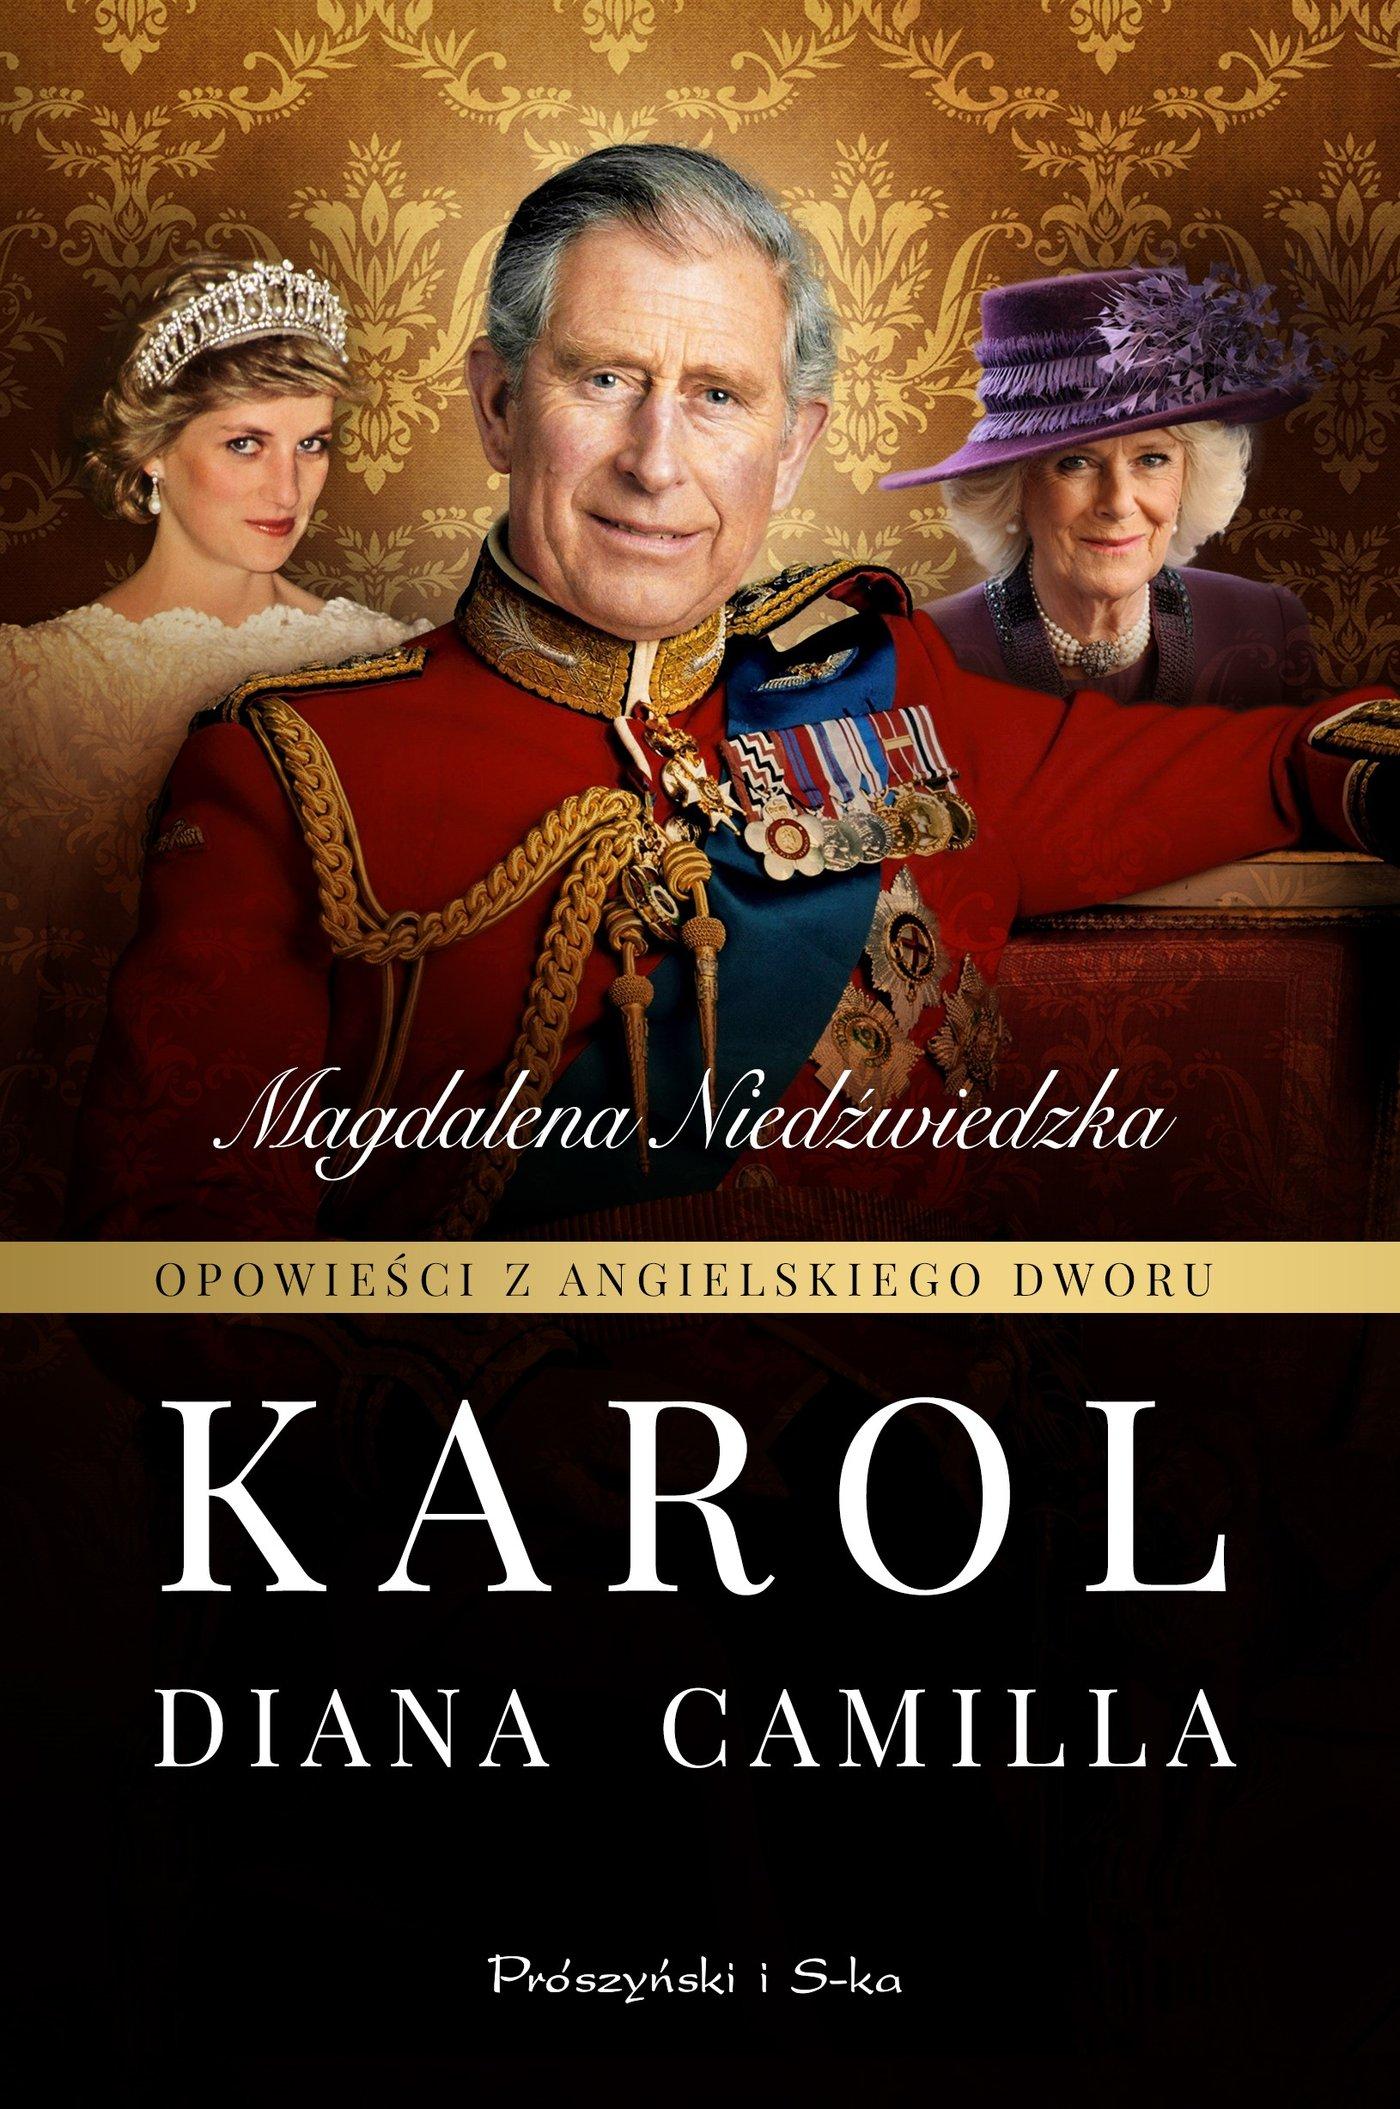 Opowieści z angielskiego dworu. Karol - Ebook (Książka na Kindle) do pobrania w formacie MOBI